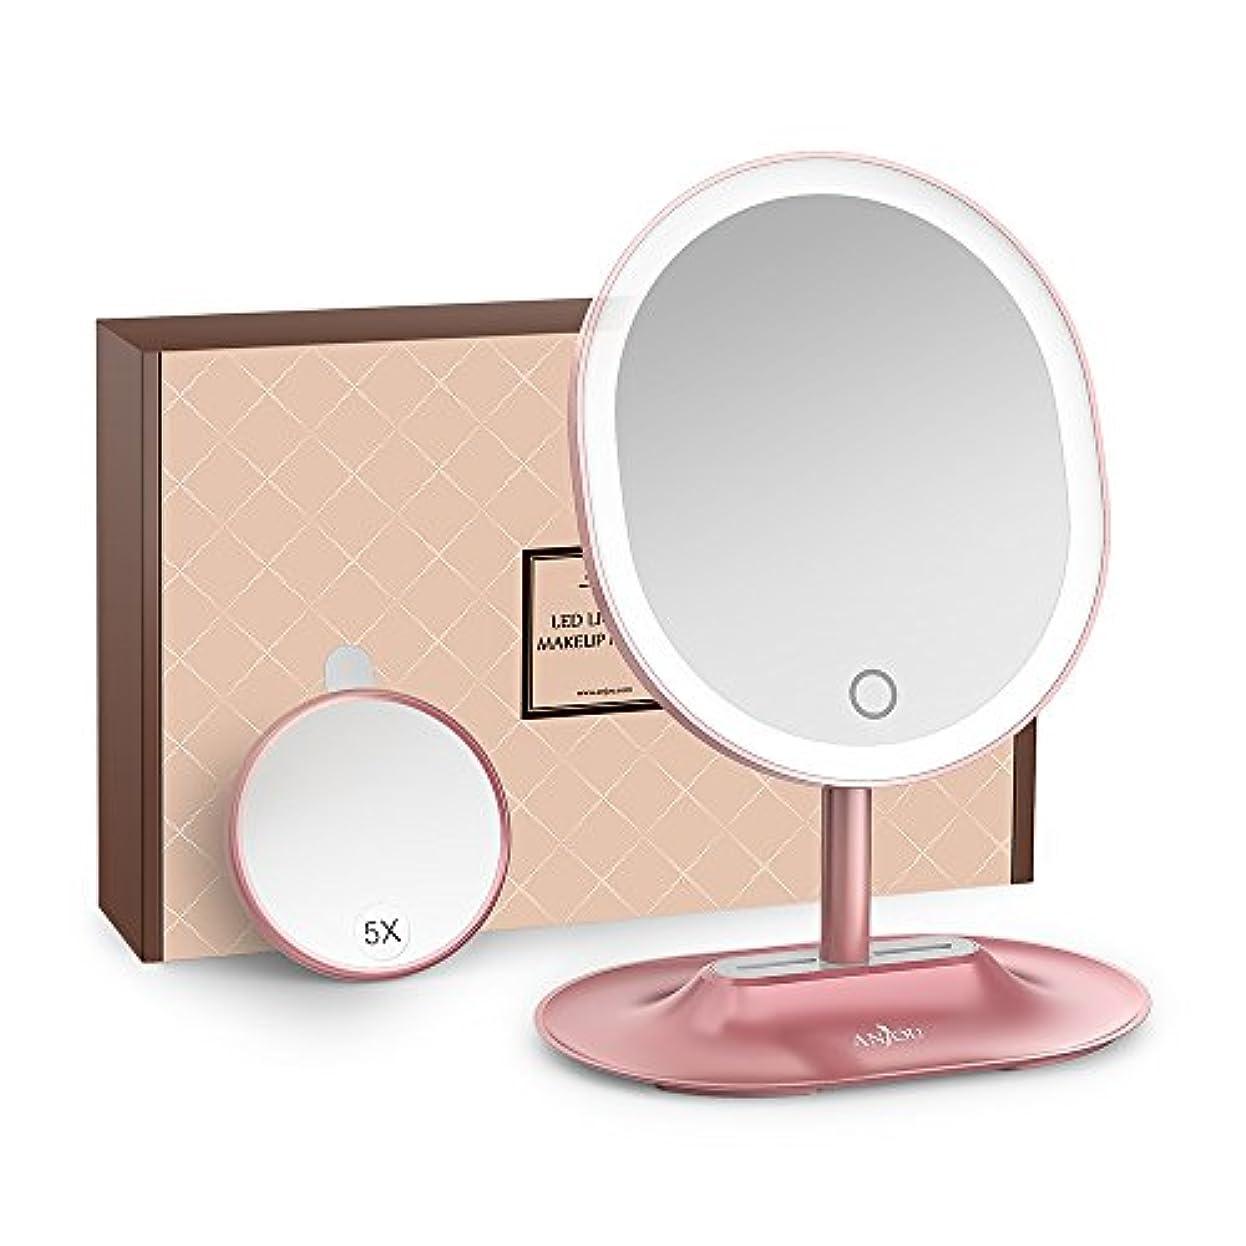 貢献するしかし入るAnjou 化粧ミラー LED 卓上 5倍 拡大鏡 タッチパネル 明るさ調節可 メイク スタンドミラー 120度回転 USB充電 トレー付 (ローズゴールド) AJ-MTA005